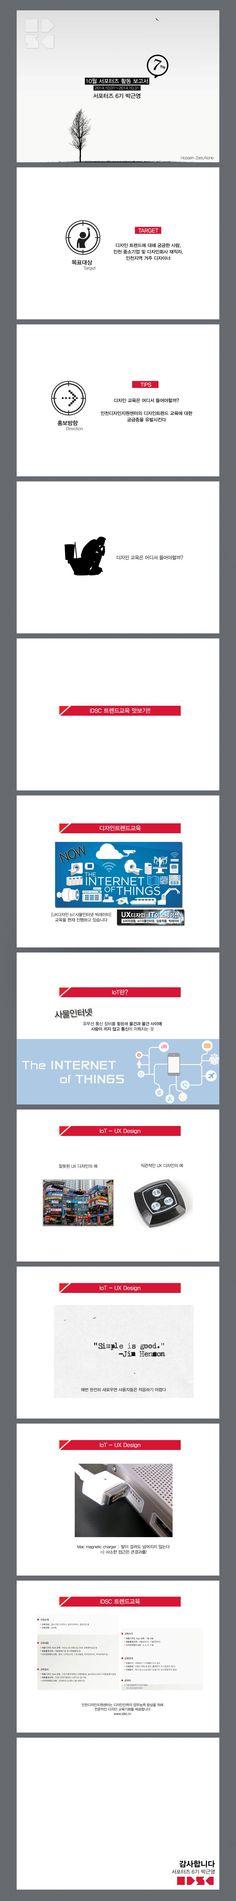 인천디자인지원센터 서포터즈 6기_10월 홍보활동